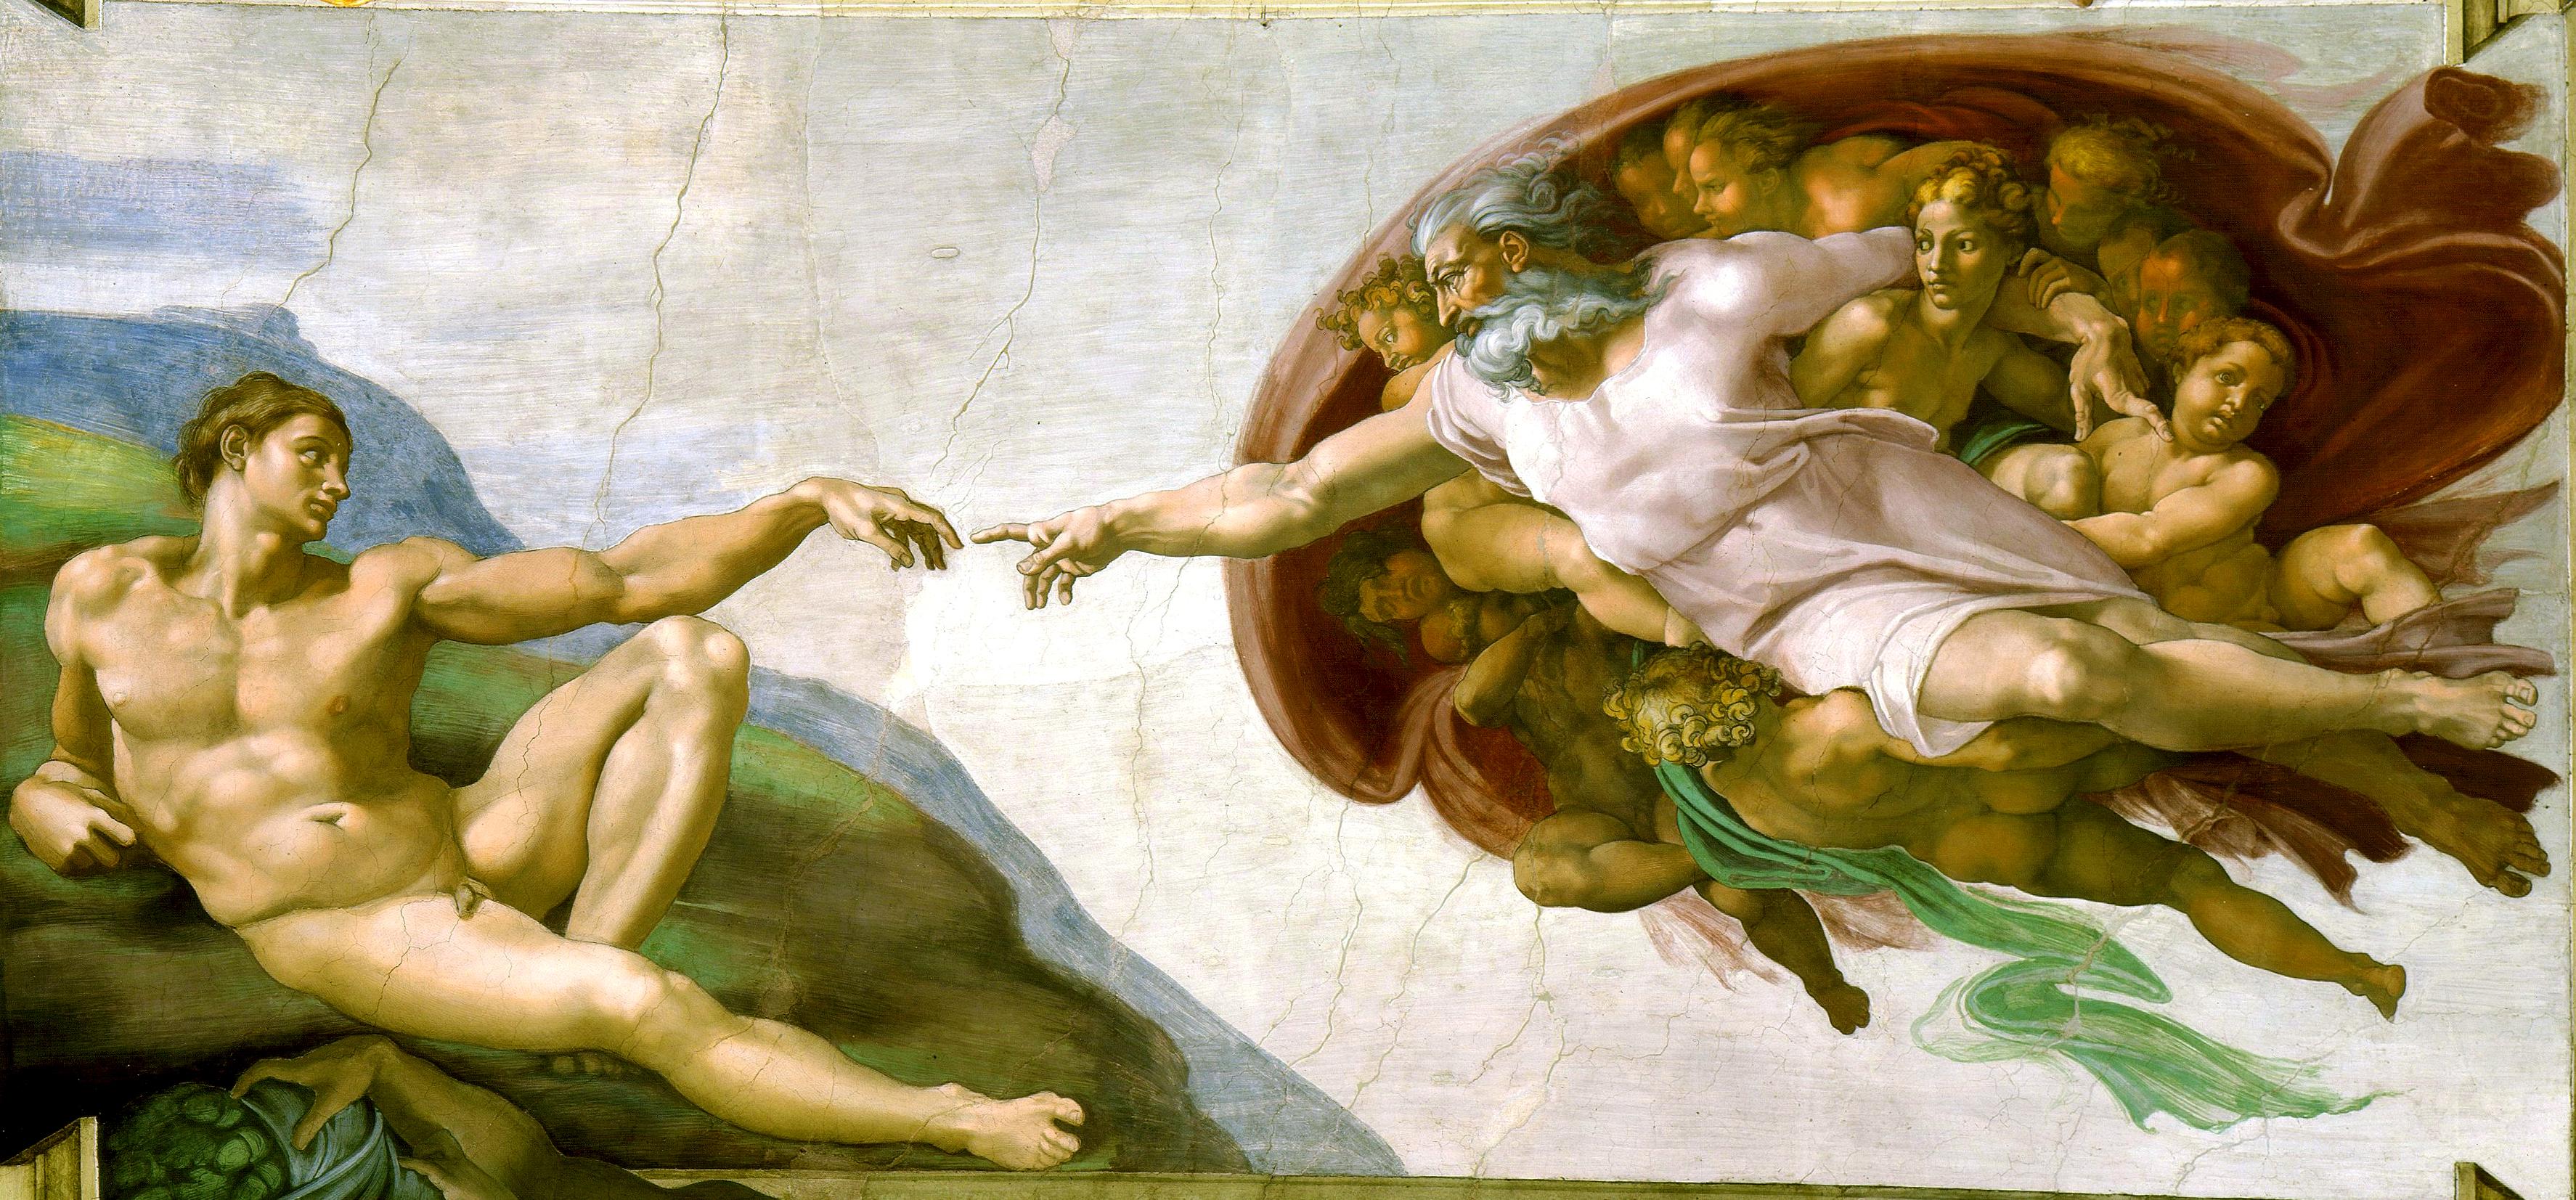 http://en.wikipedia.org/wiki/Michelangelo#Works